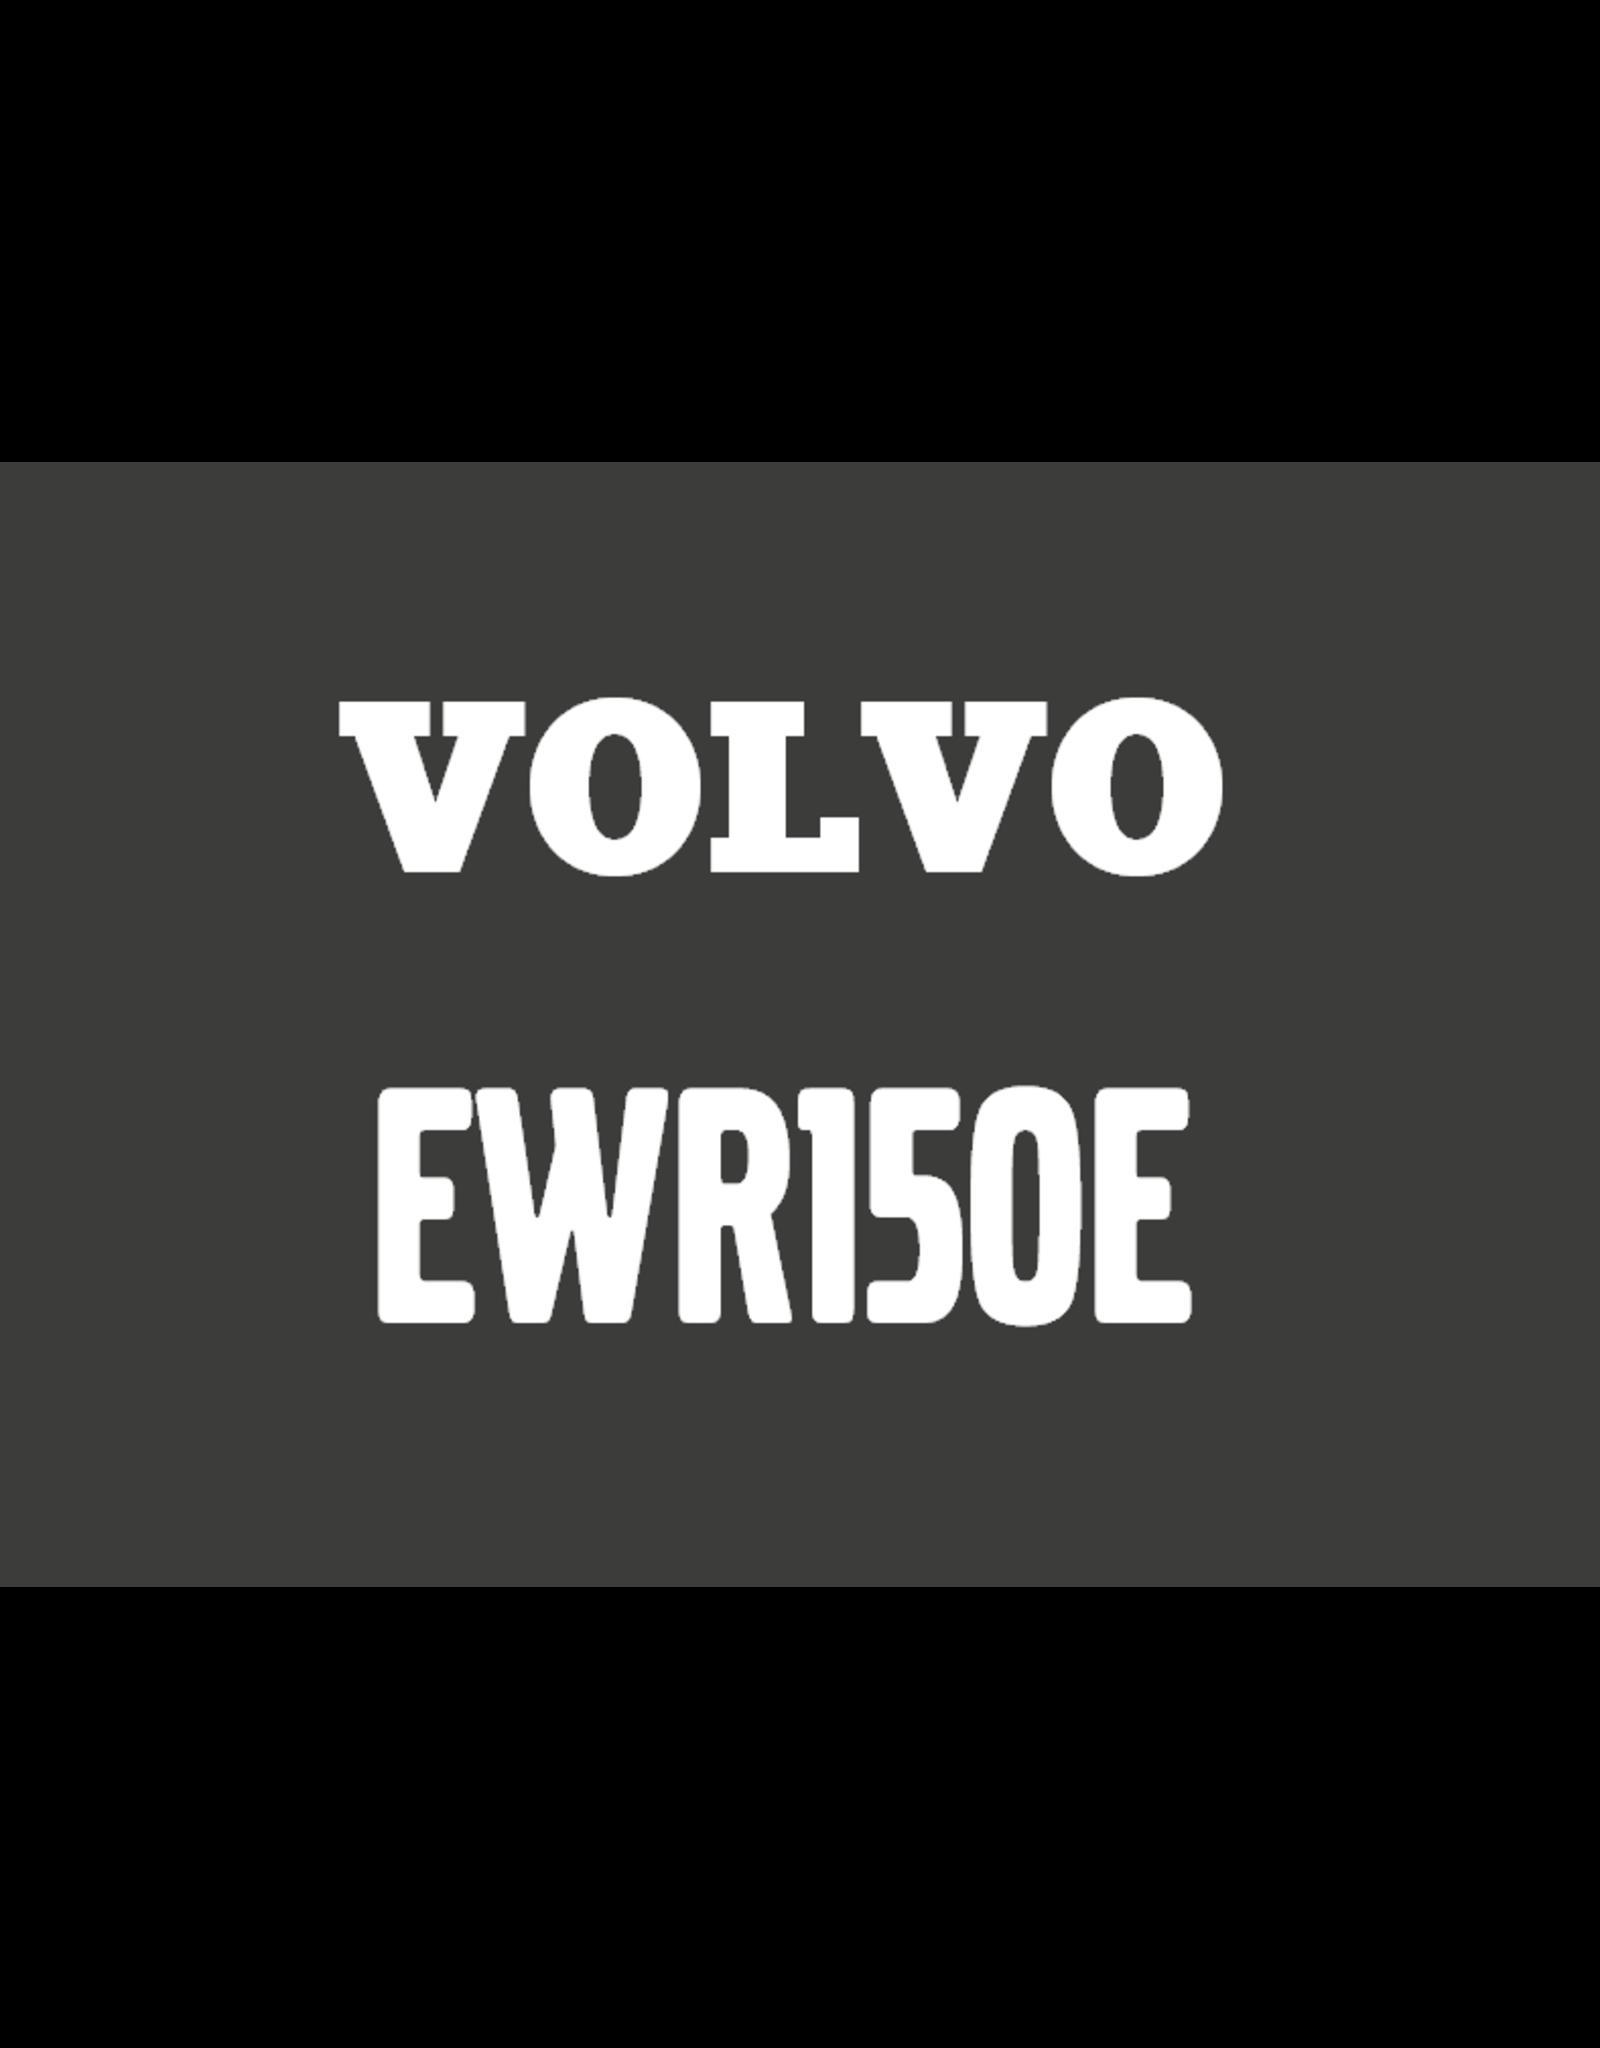 Echle Hartstahl GmbH FOPS for Volvo EWR150E